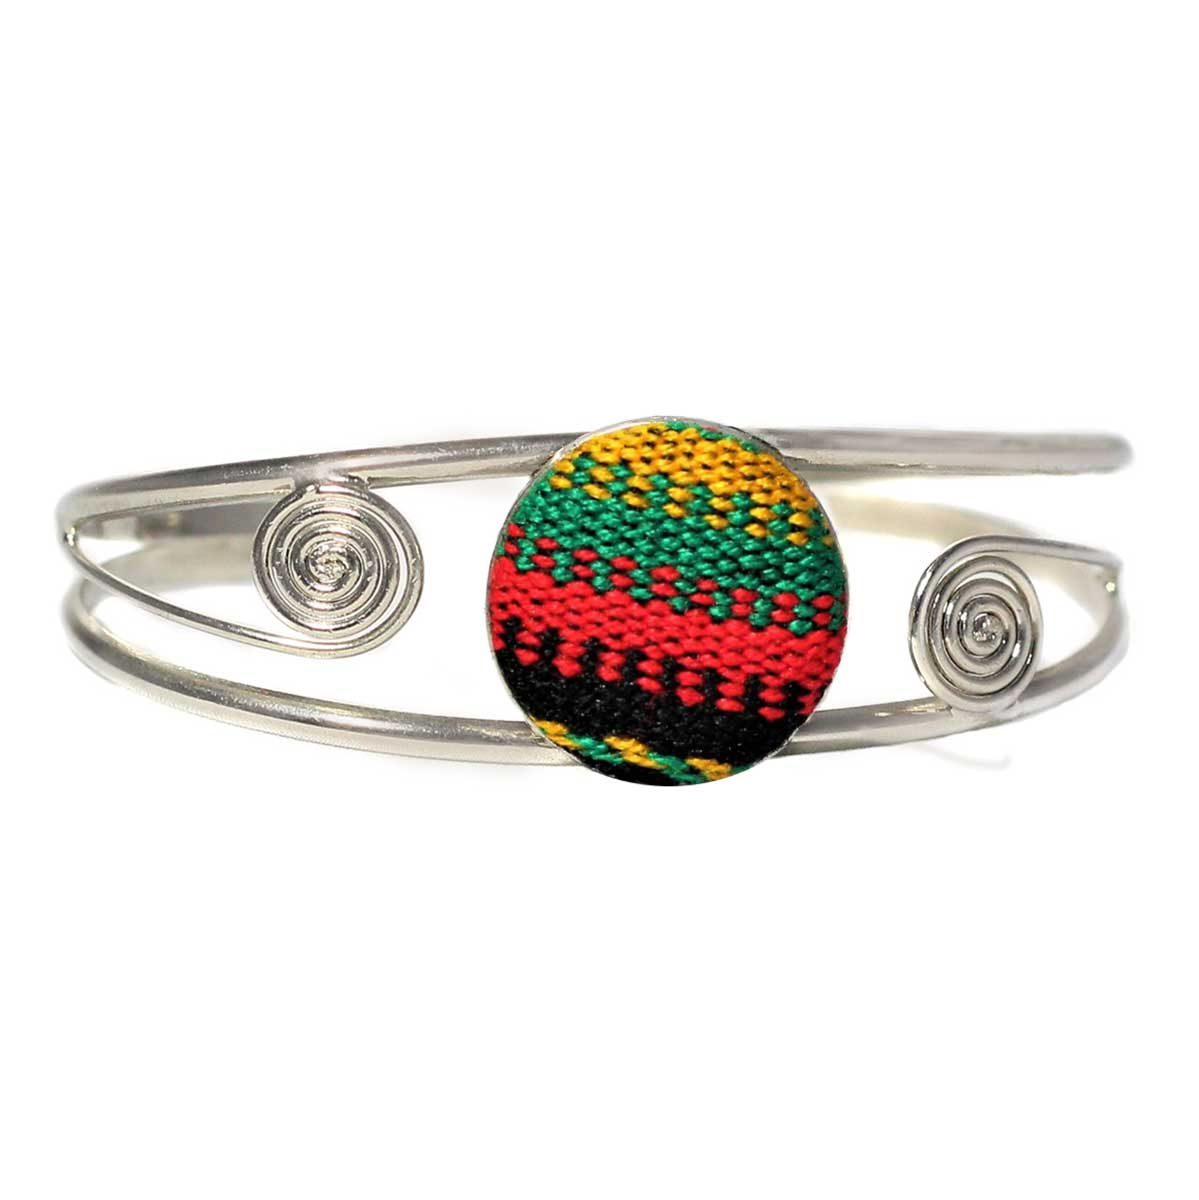 Inka-Products-Bracelet en Métal Argenté Péruvien-Tissu Traditionnel Andin Coloré